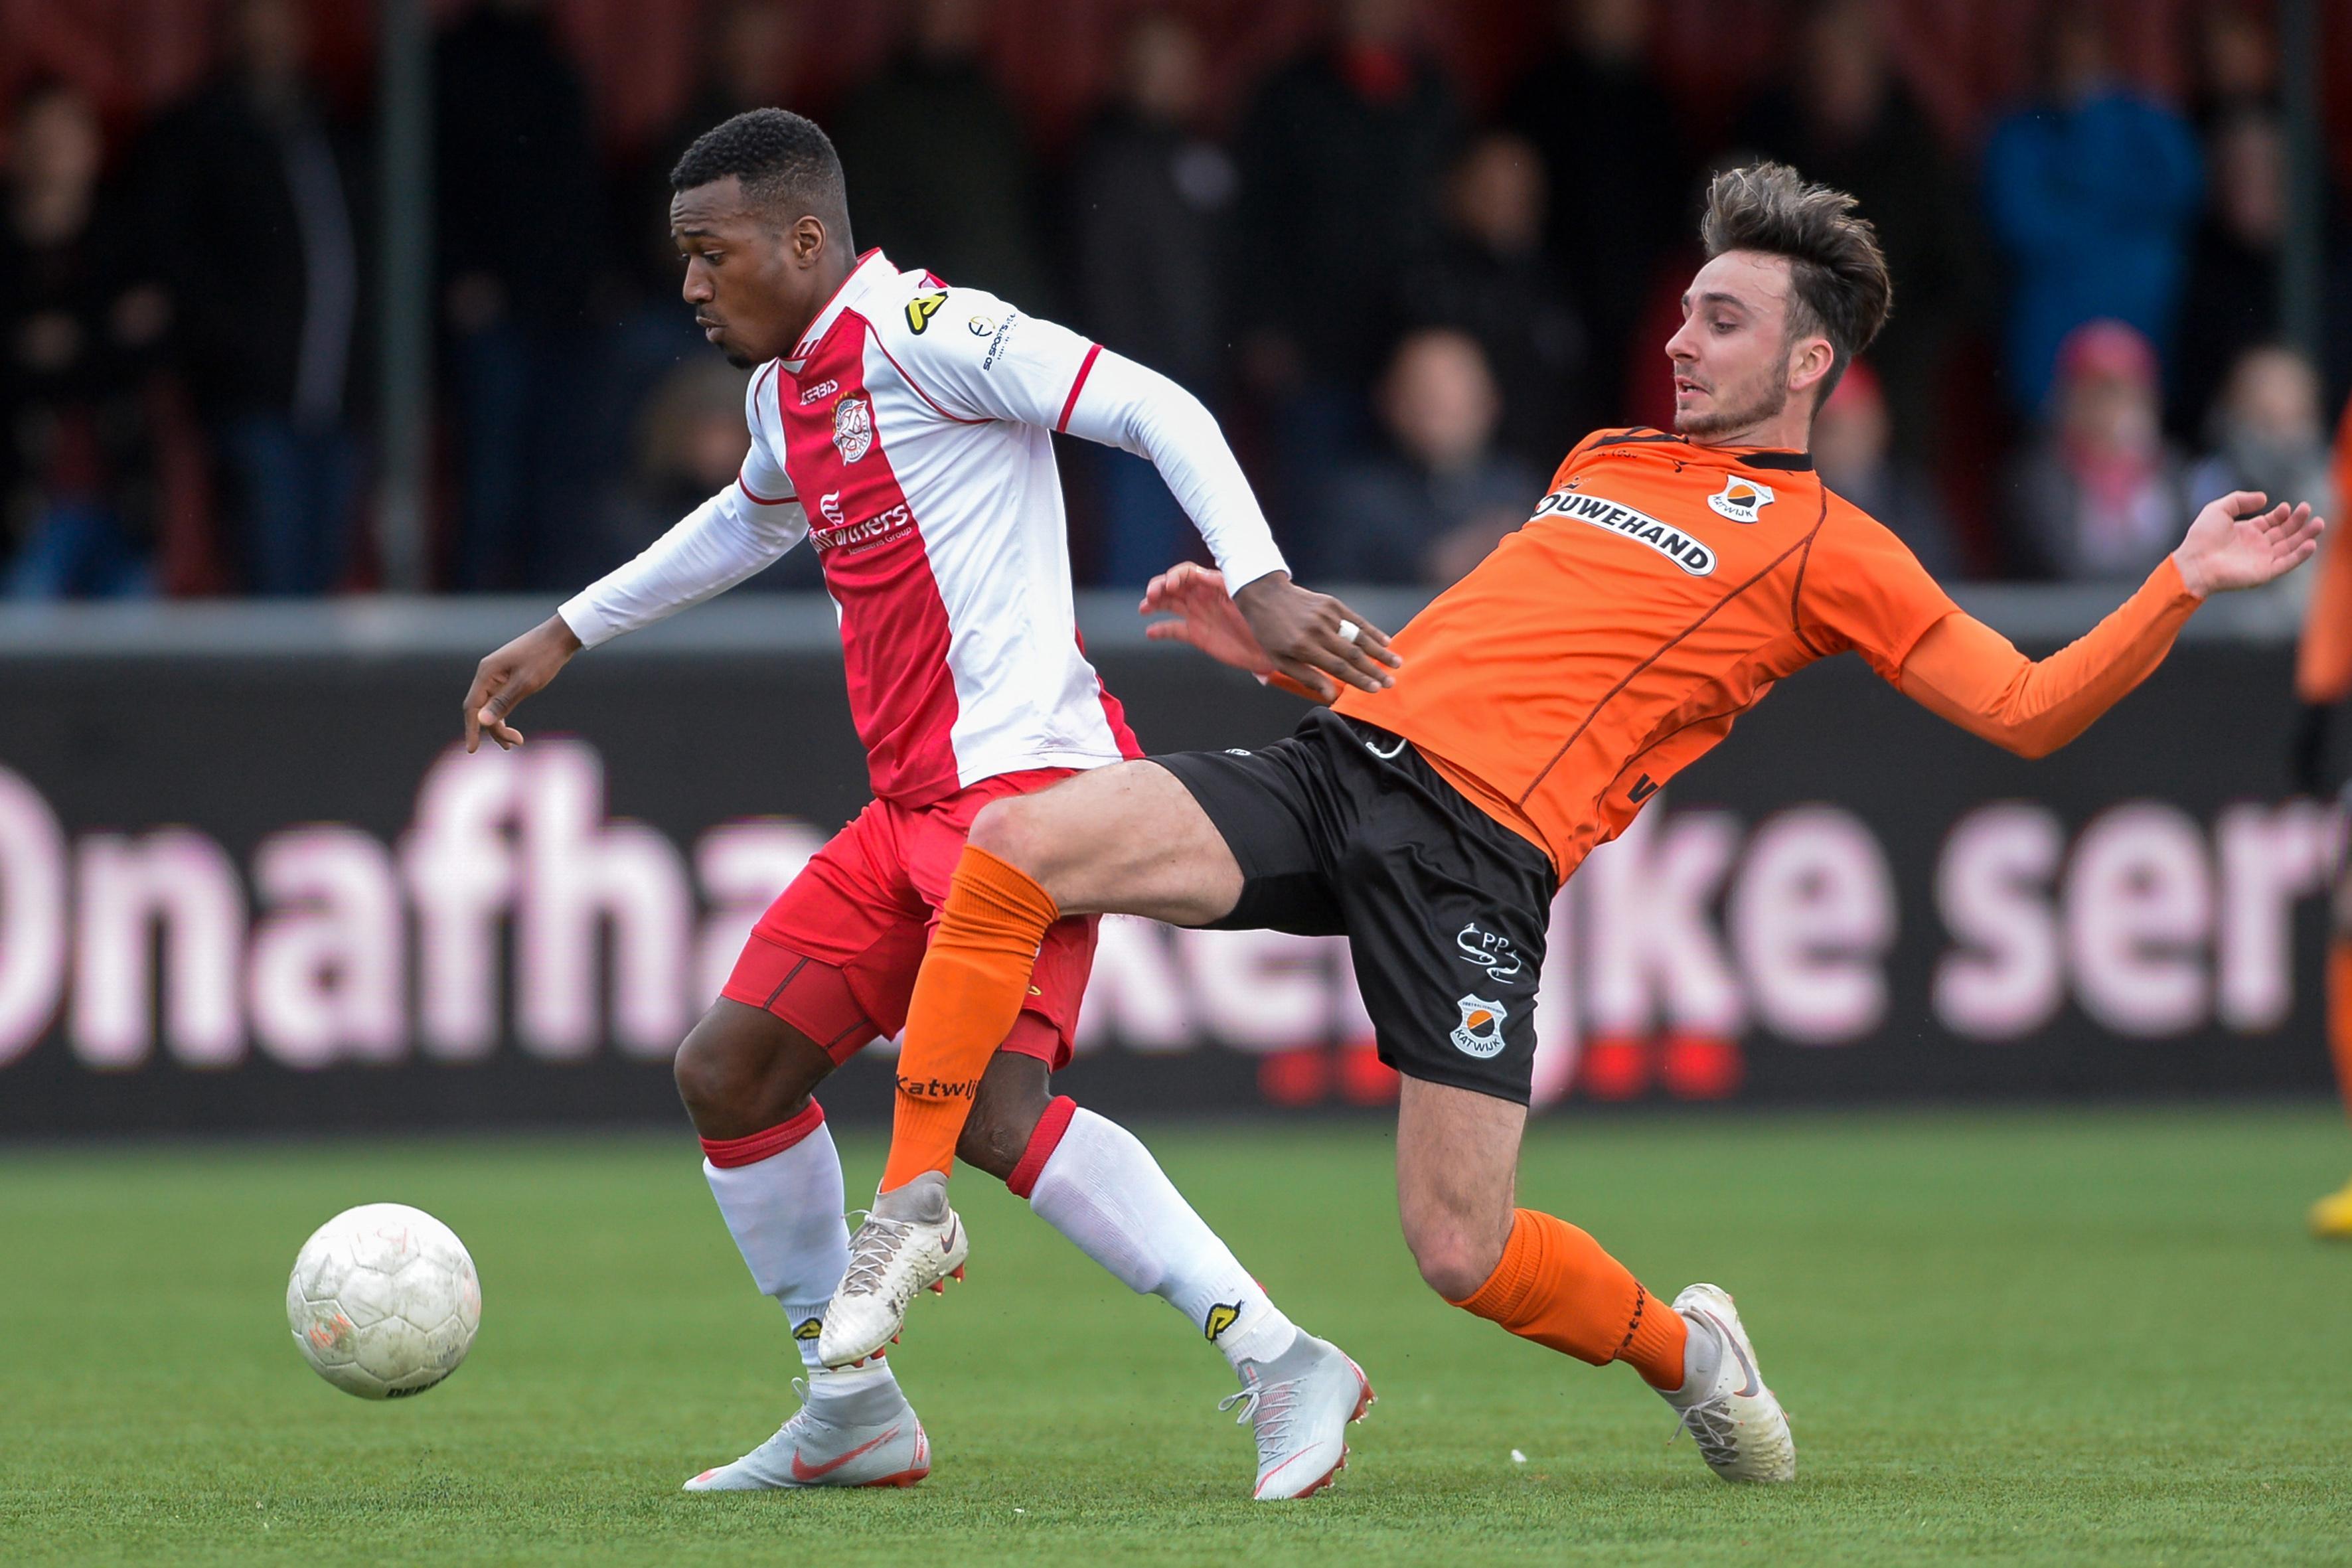 Na El Azzouti (Katwijk) en Van den Ban (Quick Boys) kiest ook Olijfveld met Rijnsburgse Boys voor een avontuur in de Bollenstreek